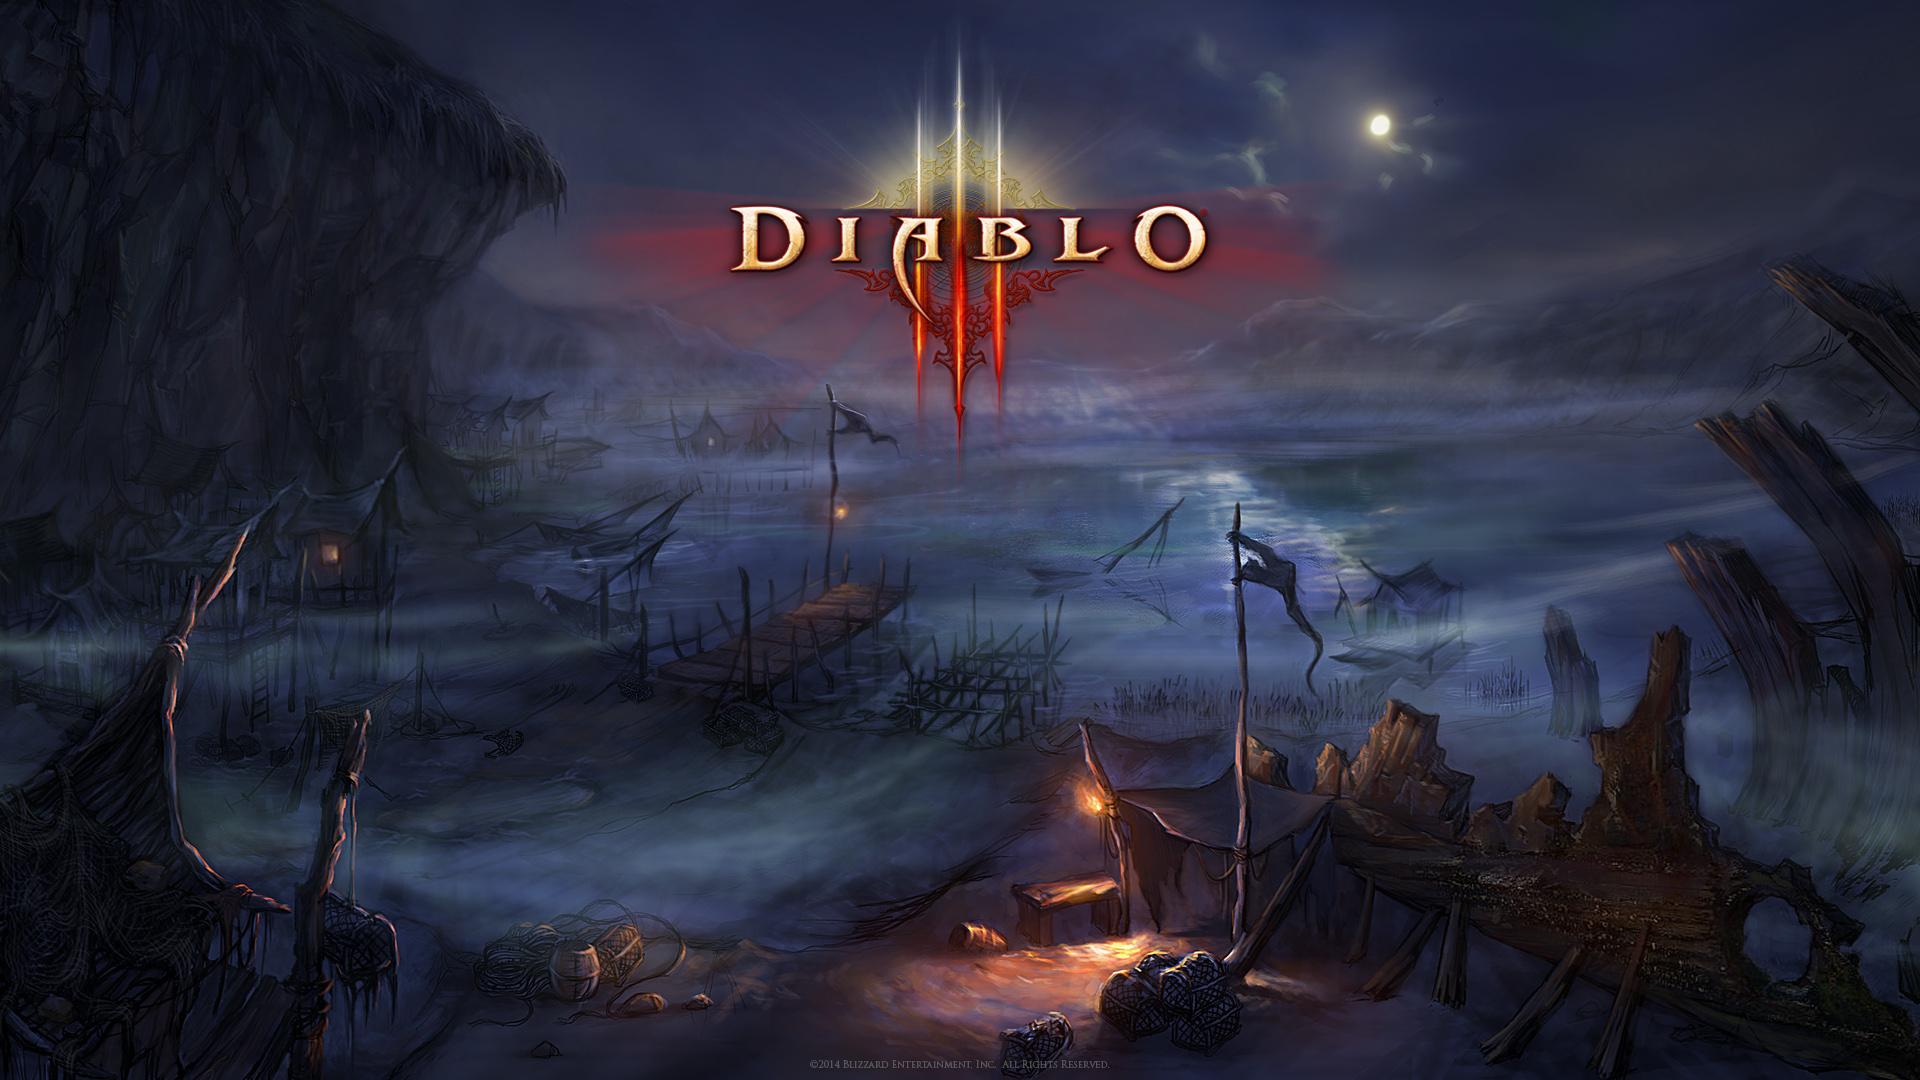 Wallpapers   Media   Diablo III 1920x1080